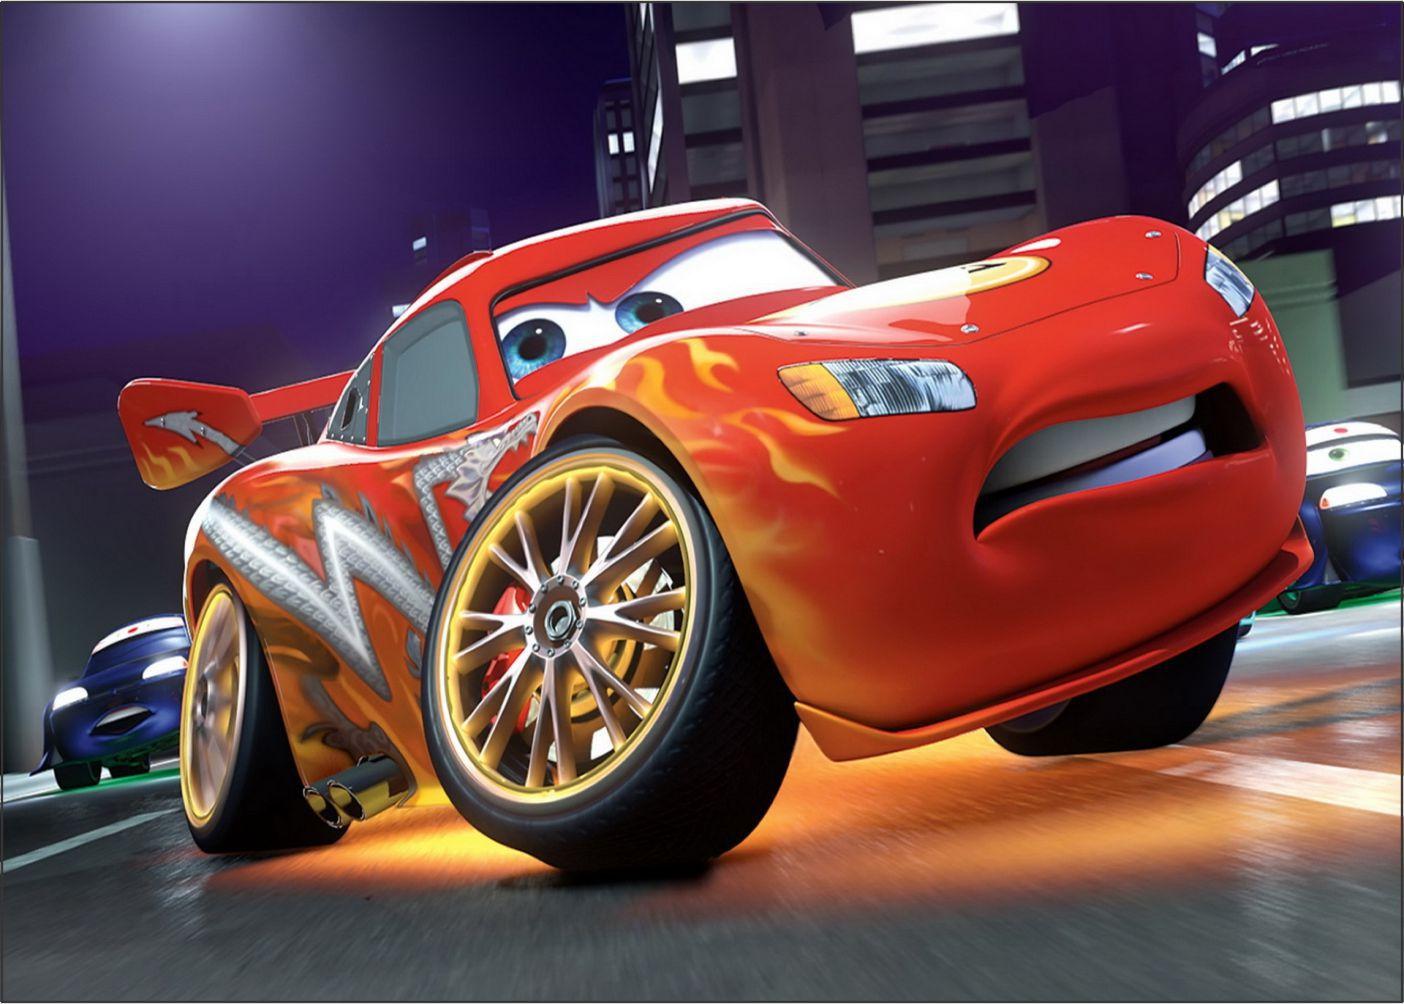 Papel de Parede 3D Carros  0001 - Papel de Parede para Quarto   - Paredes Decoradas